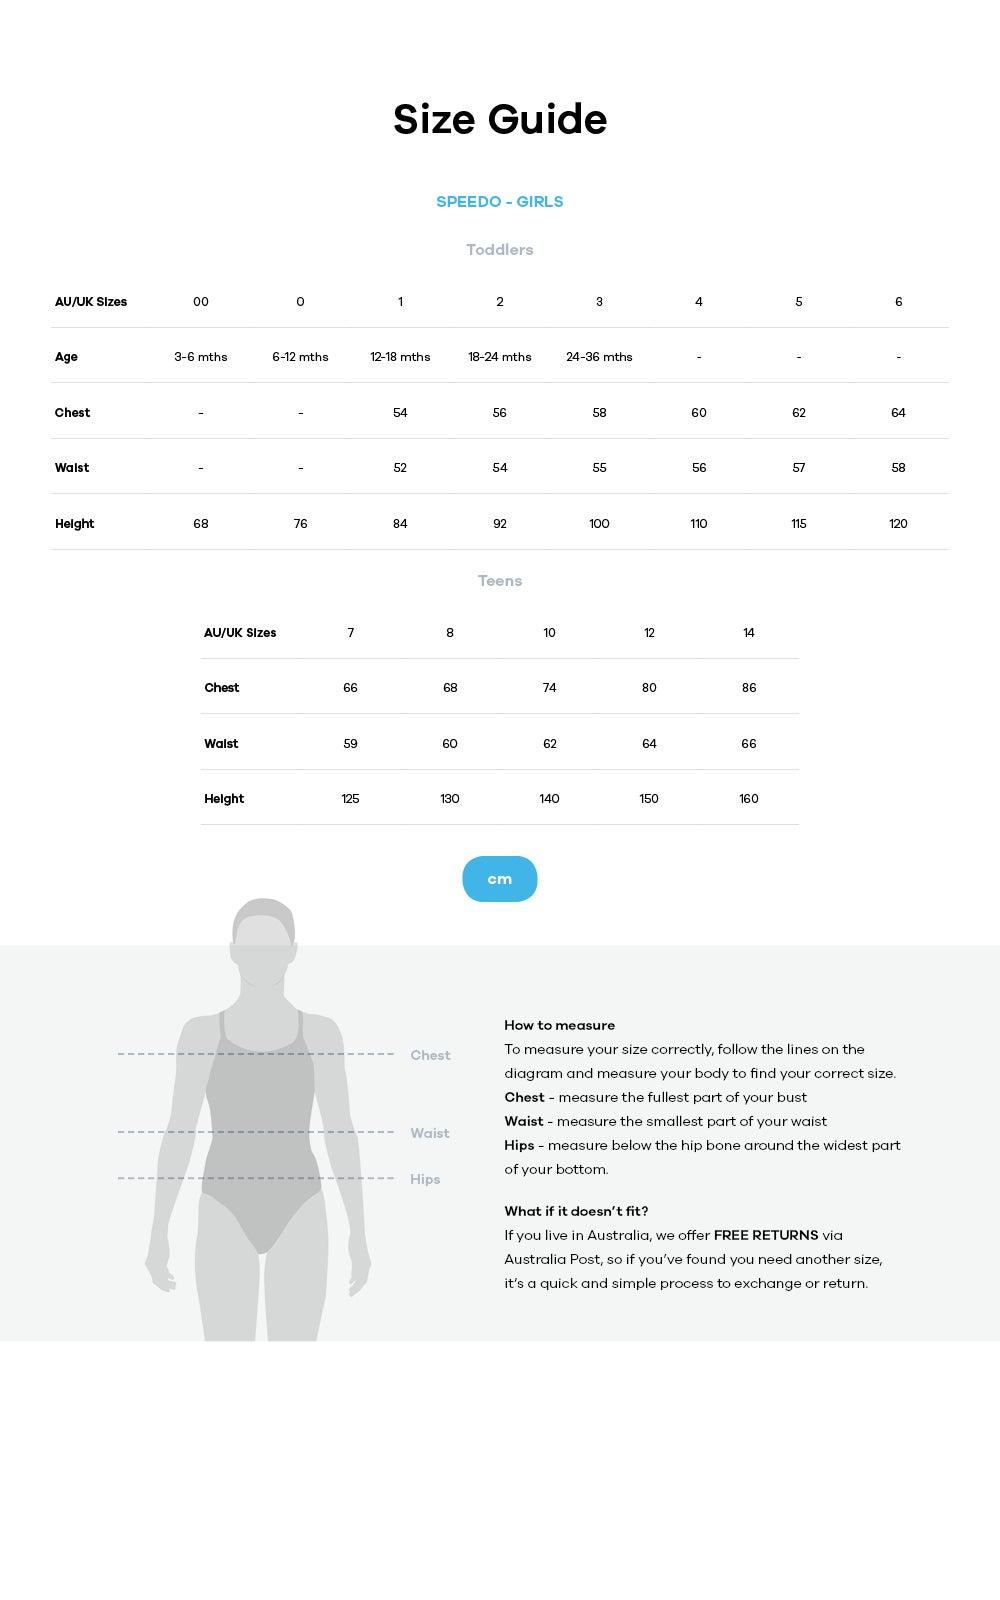 Speedo size guide